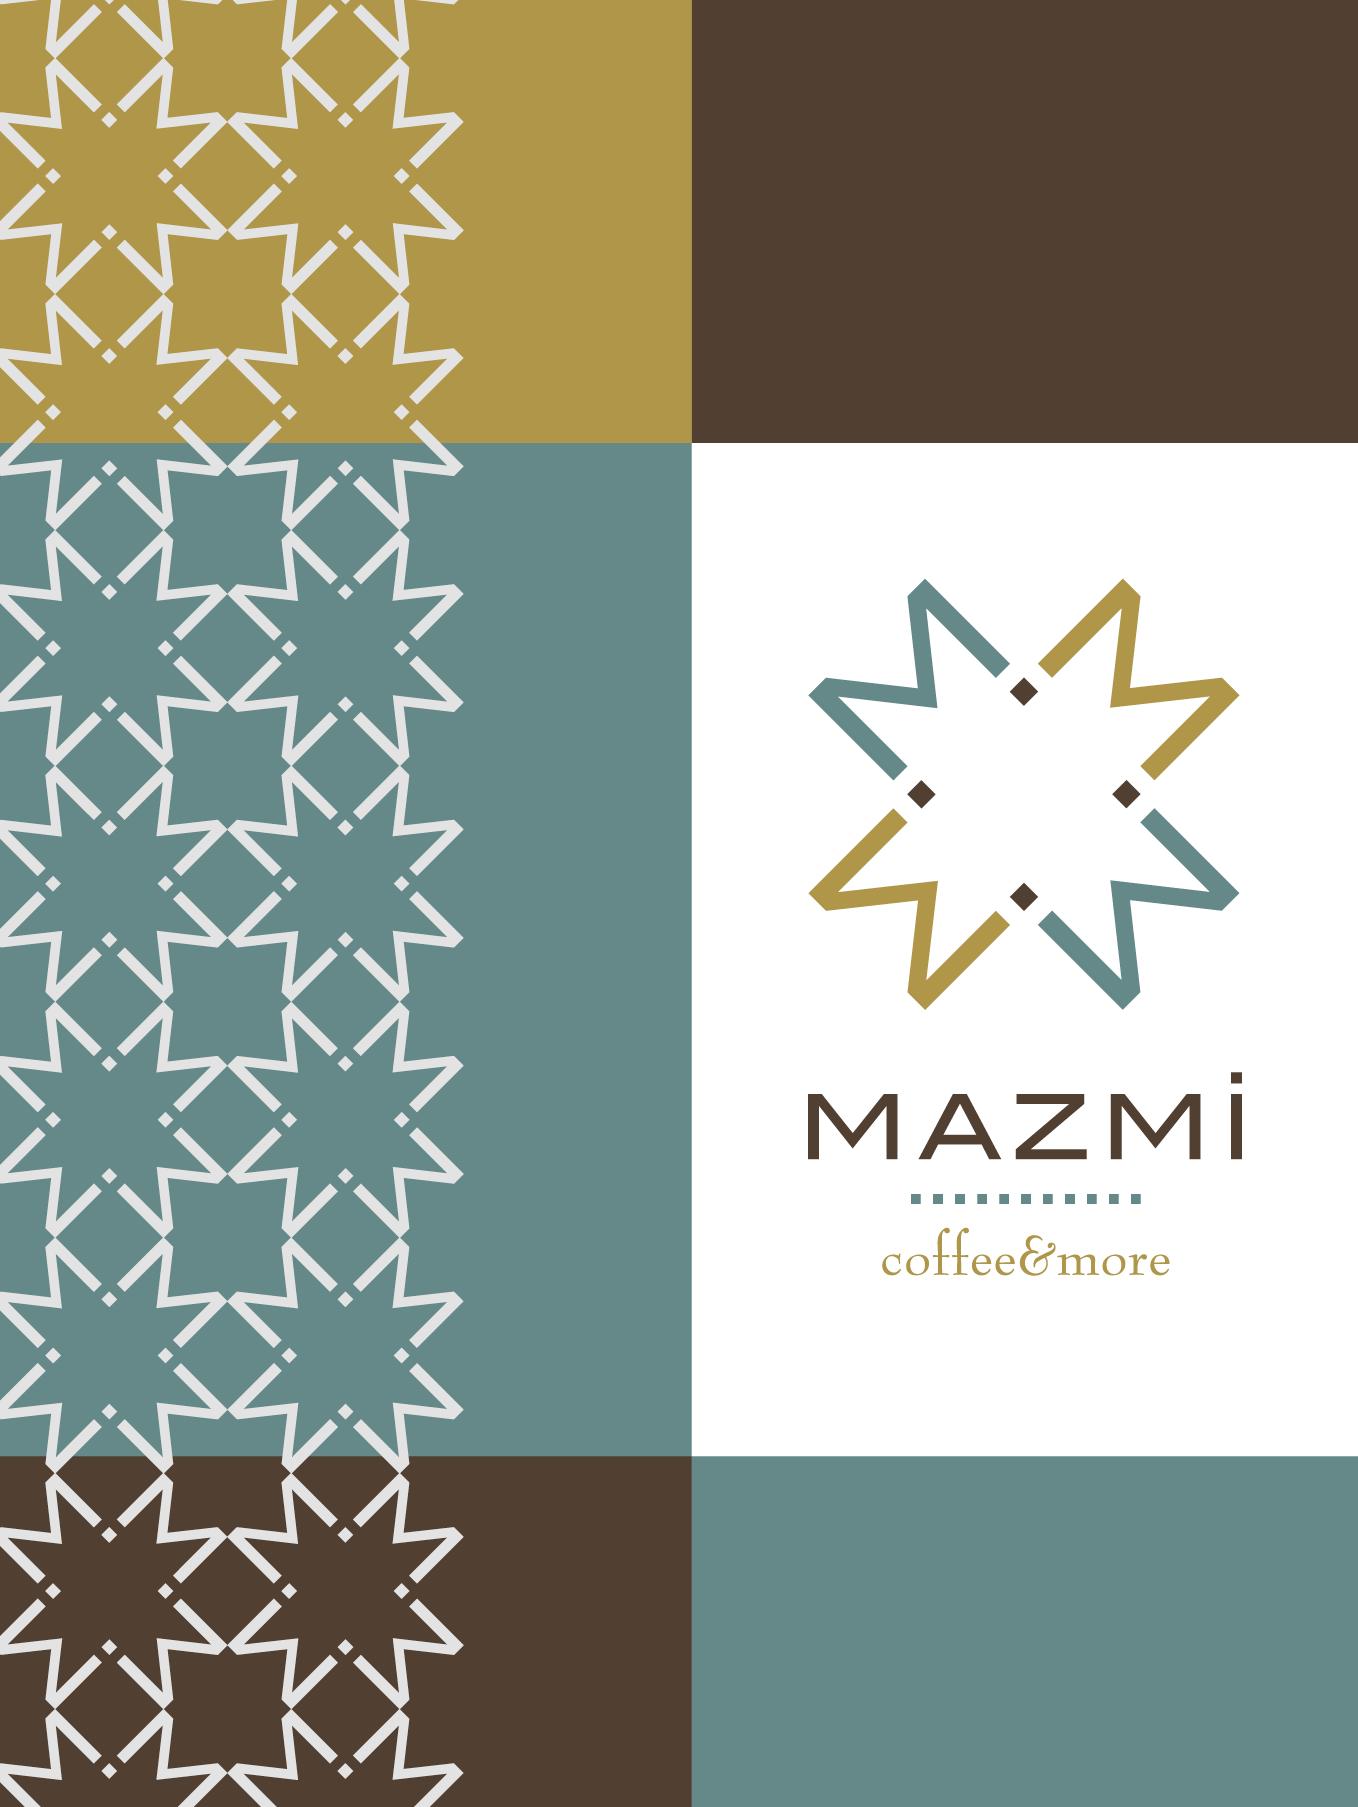 MAZMI menu cover